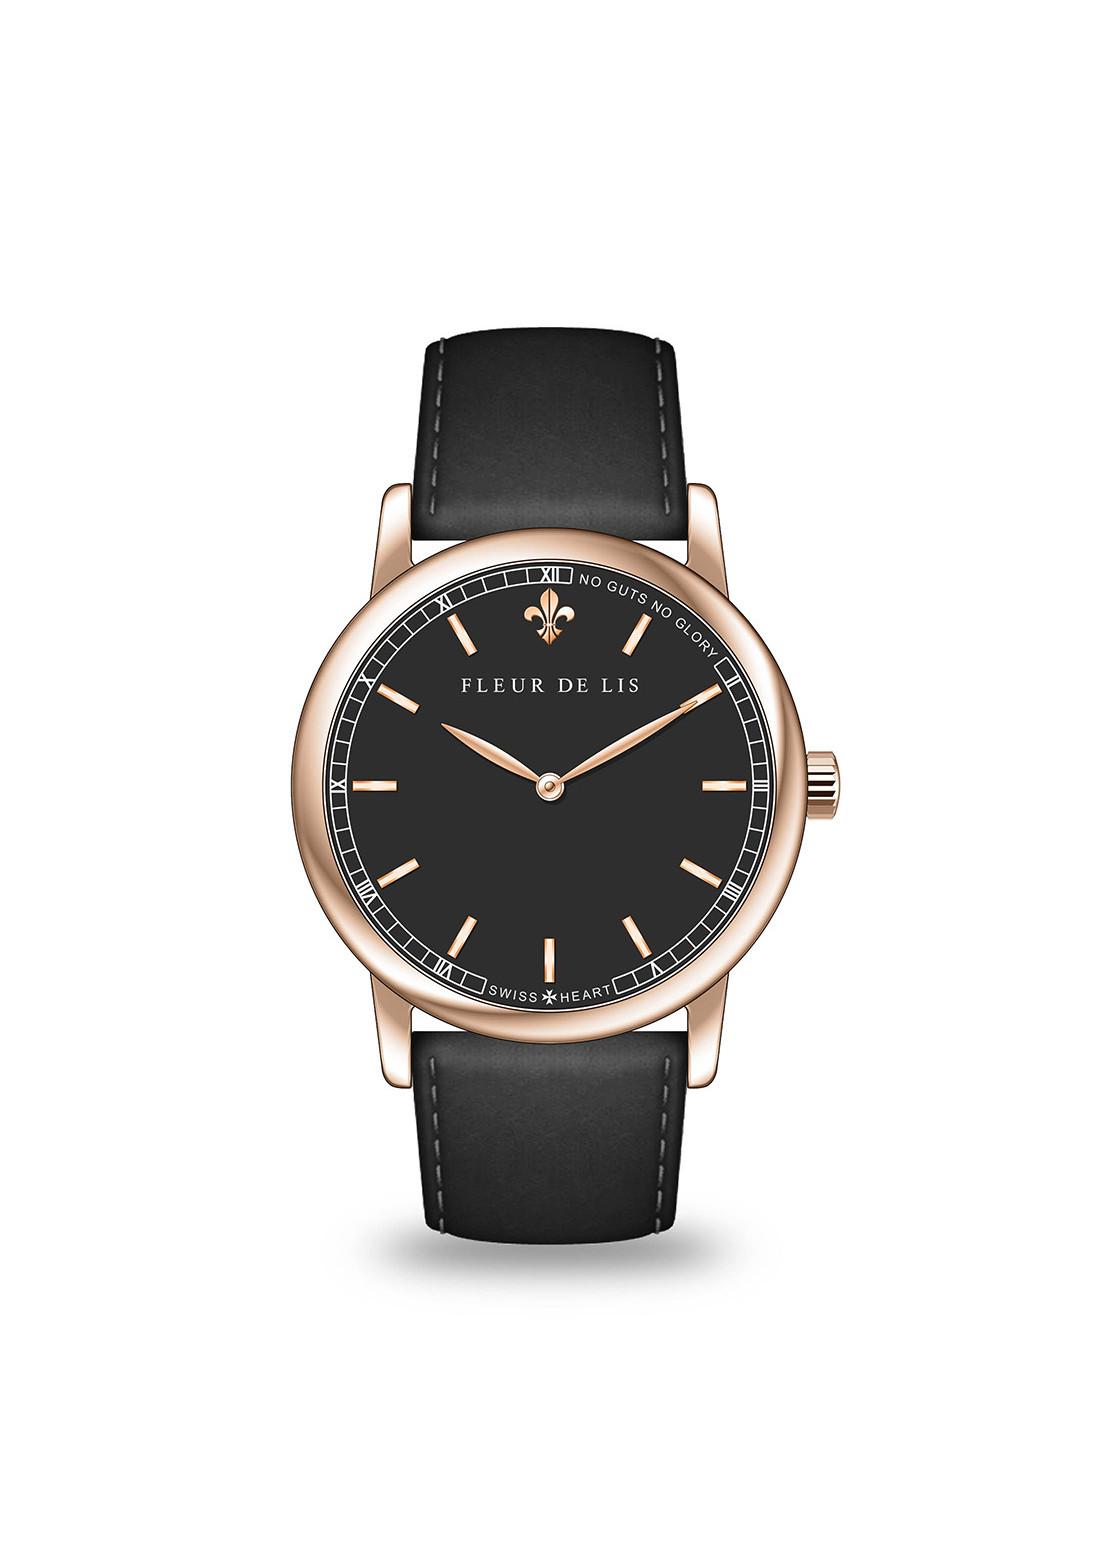 Đồng hồ nam Fleur De Lis ACE-01 hàng chính hãng chống nước mặt shaphire 41mm dây da cao cấp